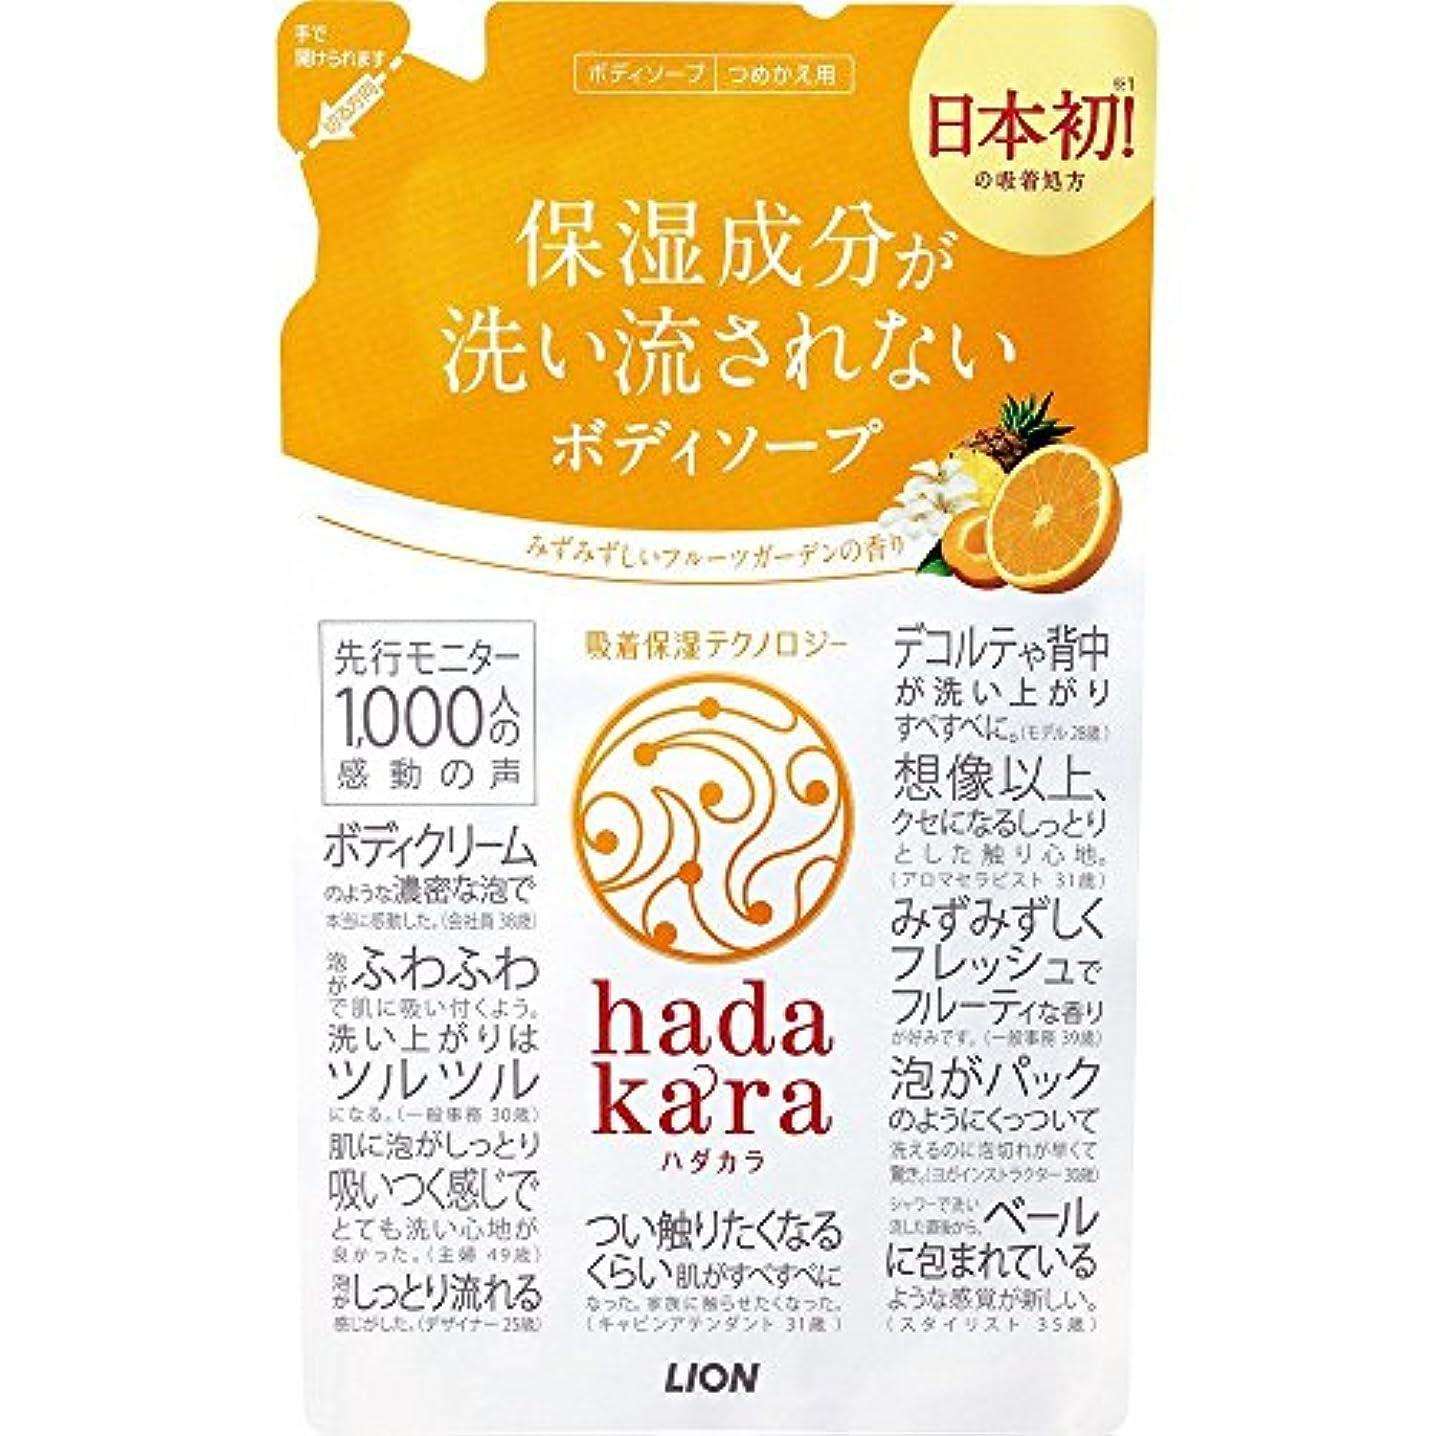 まさにカスケードショップhadakara(ハダカラ) ボディソープ フルーツガーデンの香り 詰め替え 360ml